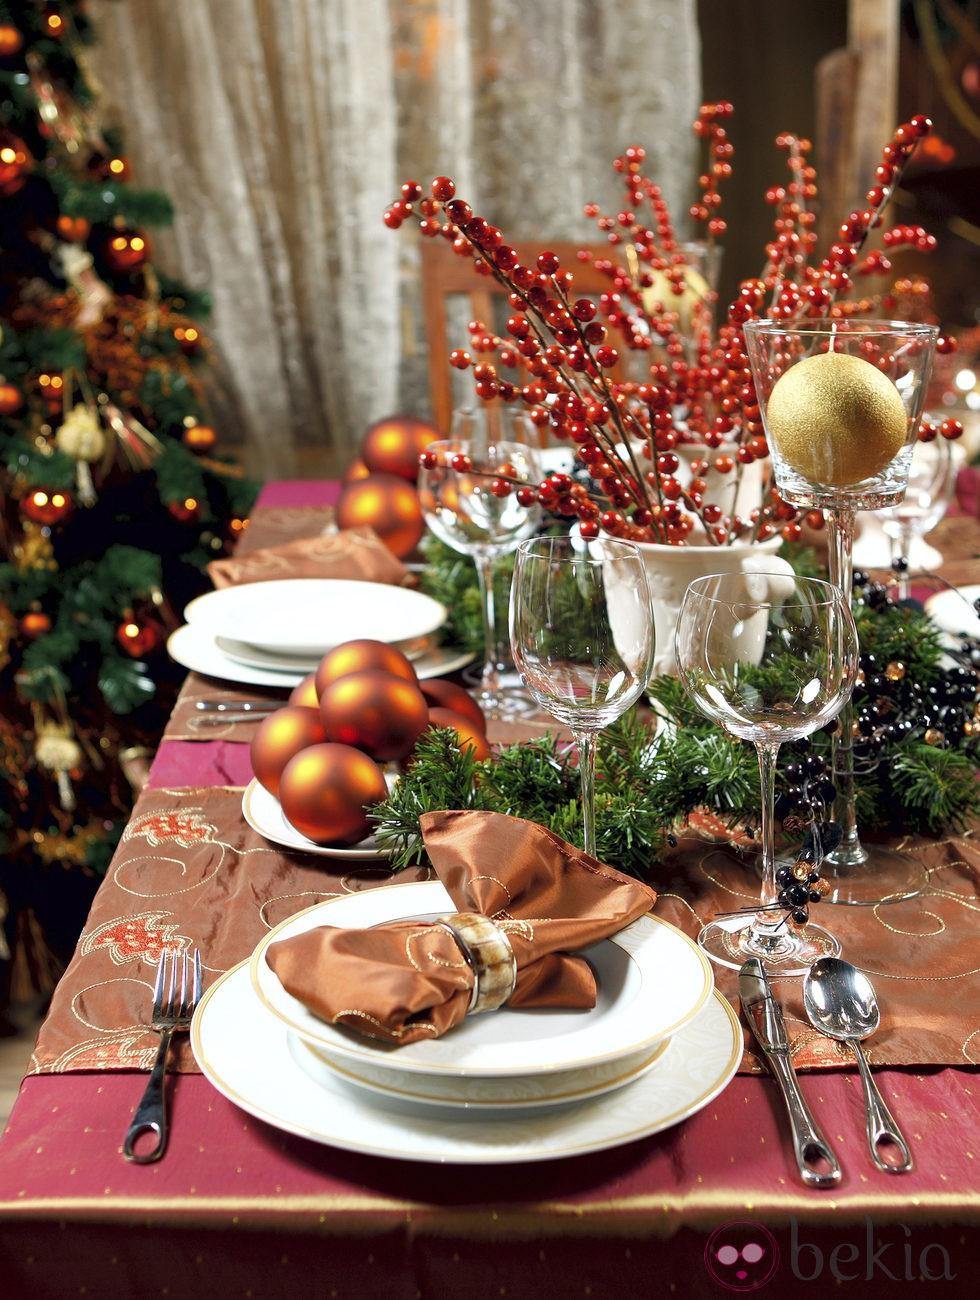 Una buena decoraci n de la mesa de navidad fotos de - Decoracion de mesa en navidad ...